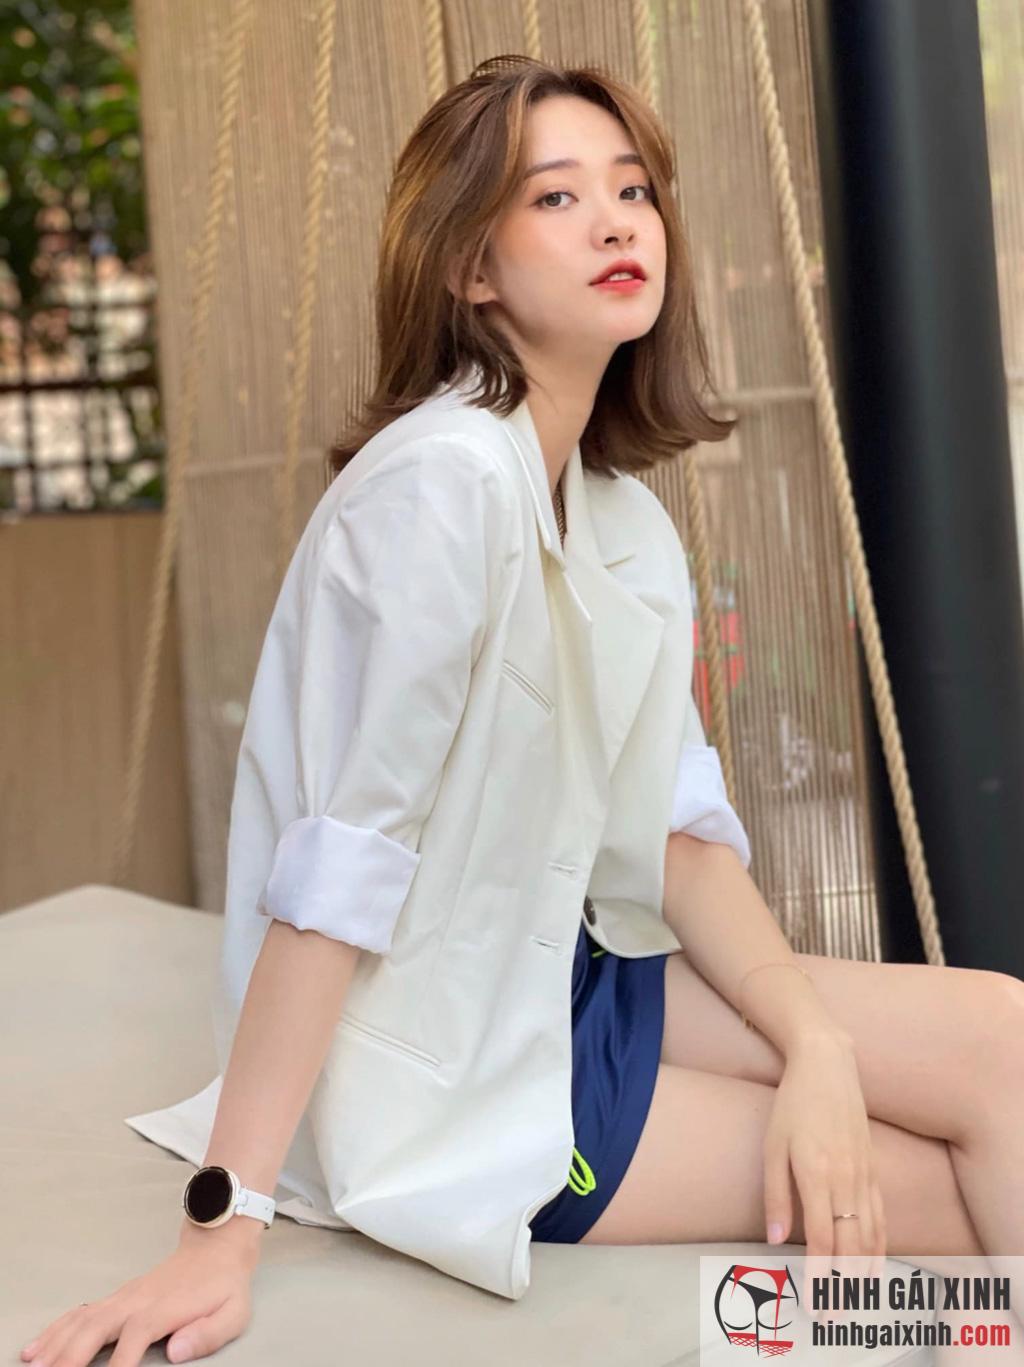 Thiếu nữ mặc áo dài trắng toát lên vẻ duyên dáng thơ ngây